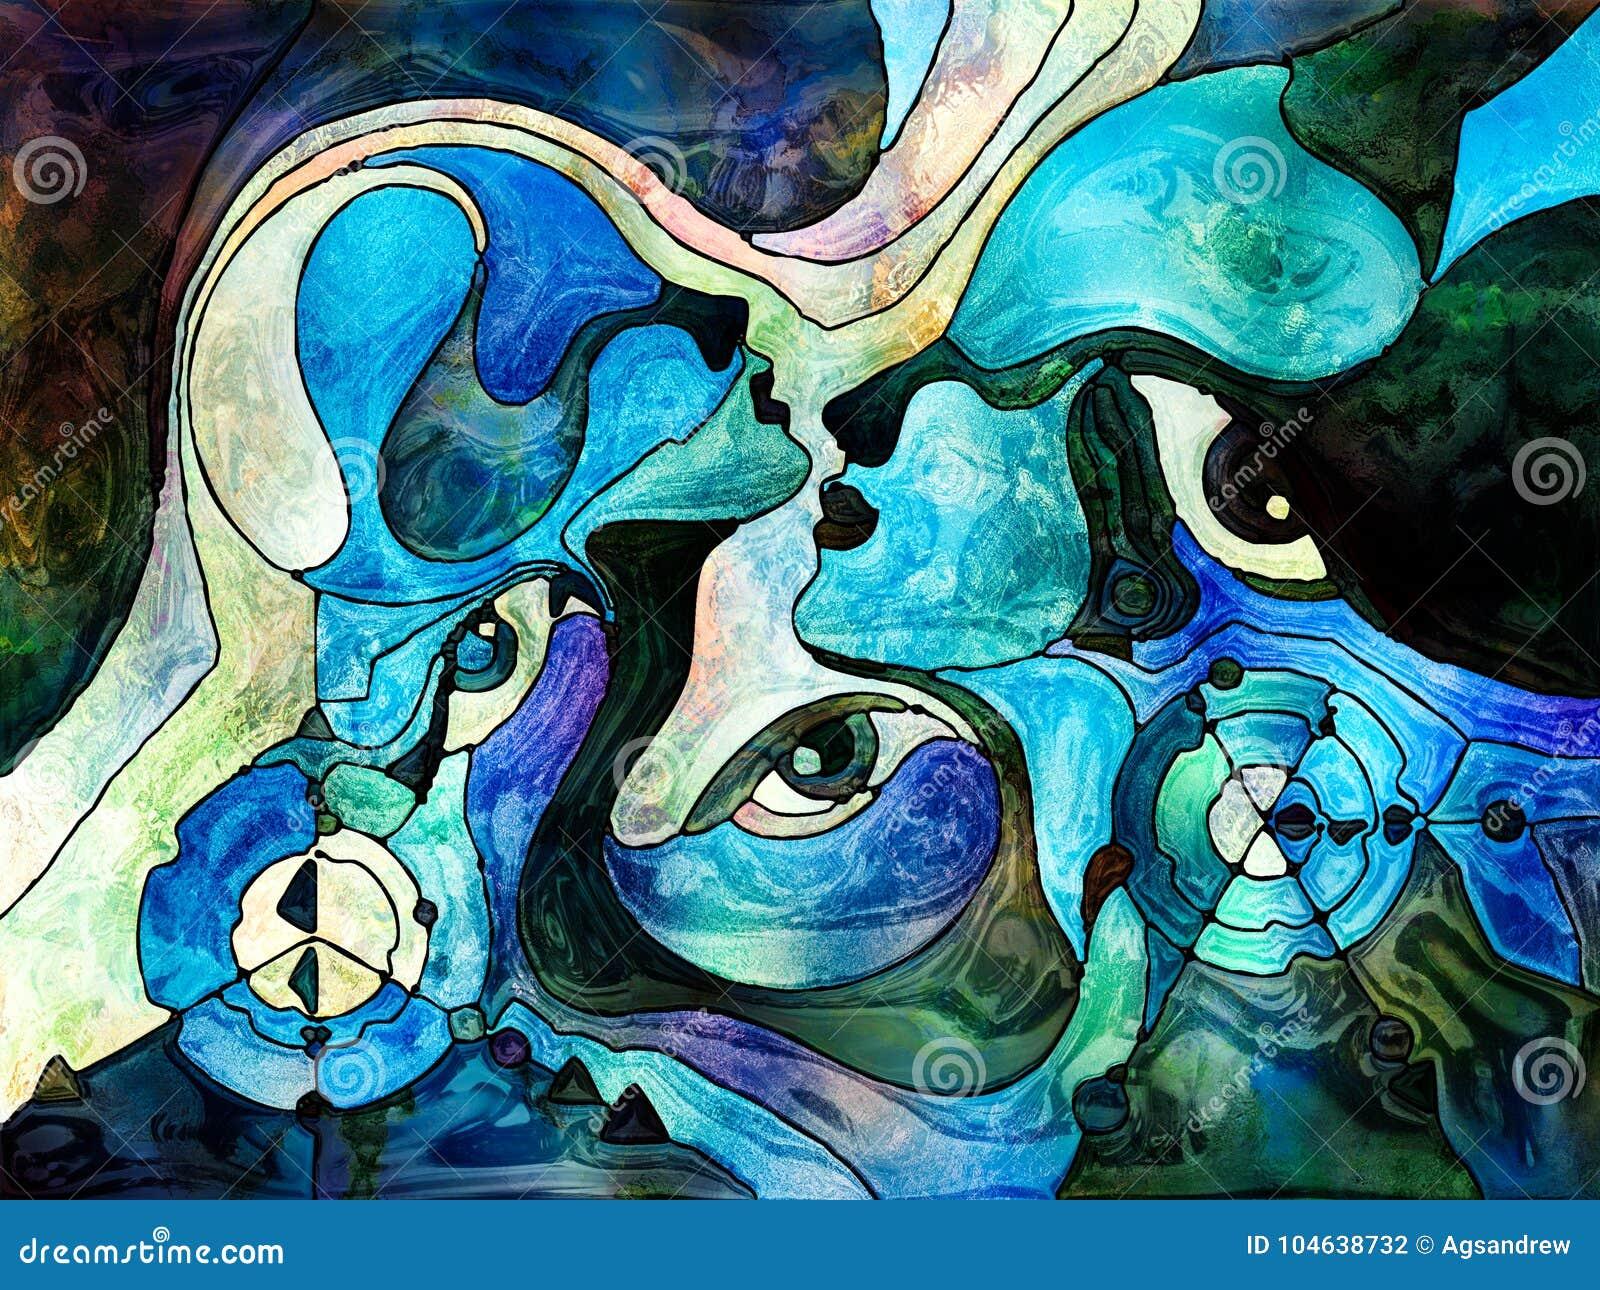 Download Energie Van Kleurenafdeling Stock Illustratie - Illustratie bestaande uit emotie, achtergrond: 104638732